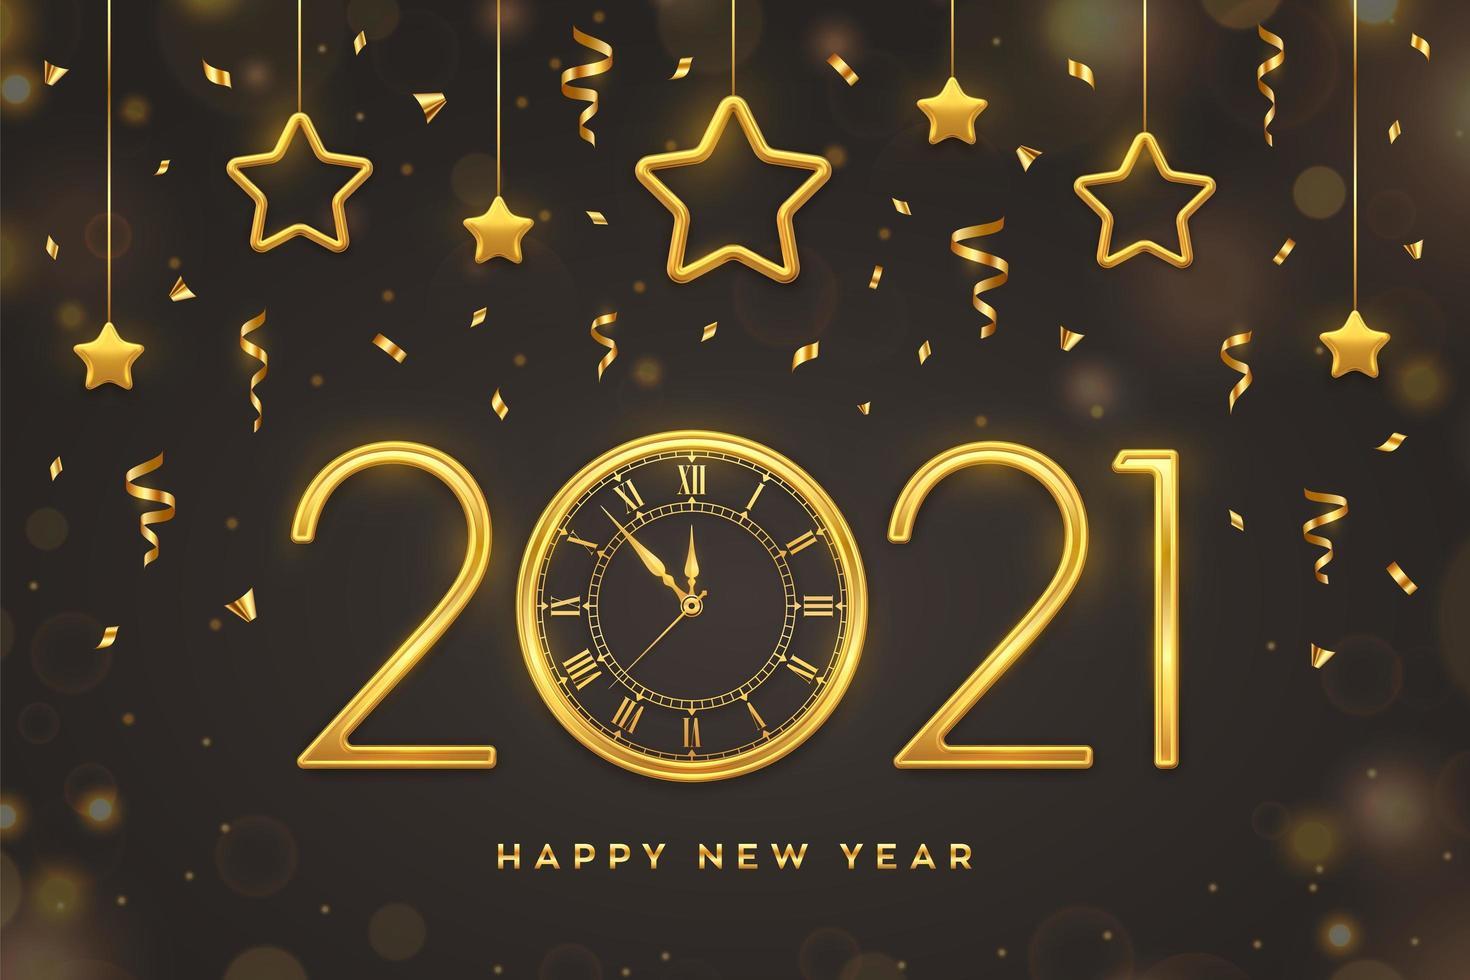 año nuevo texto dorado, reloj y estrellas colgantes. vector